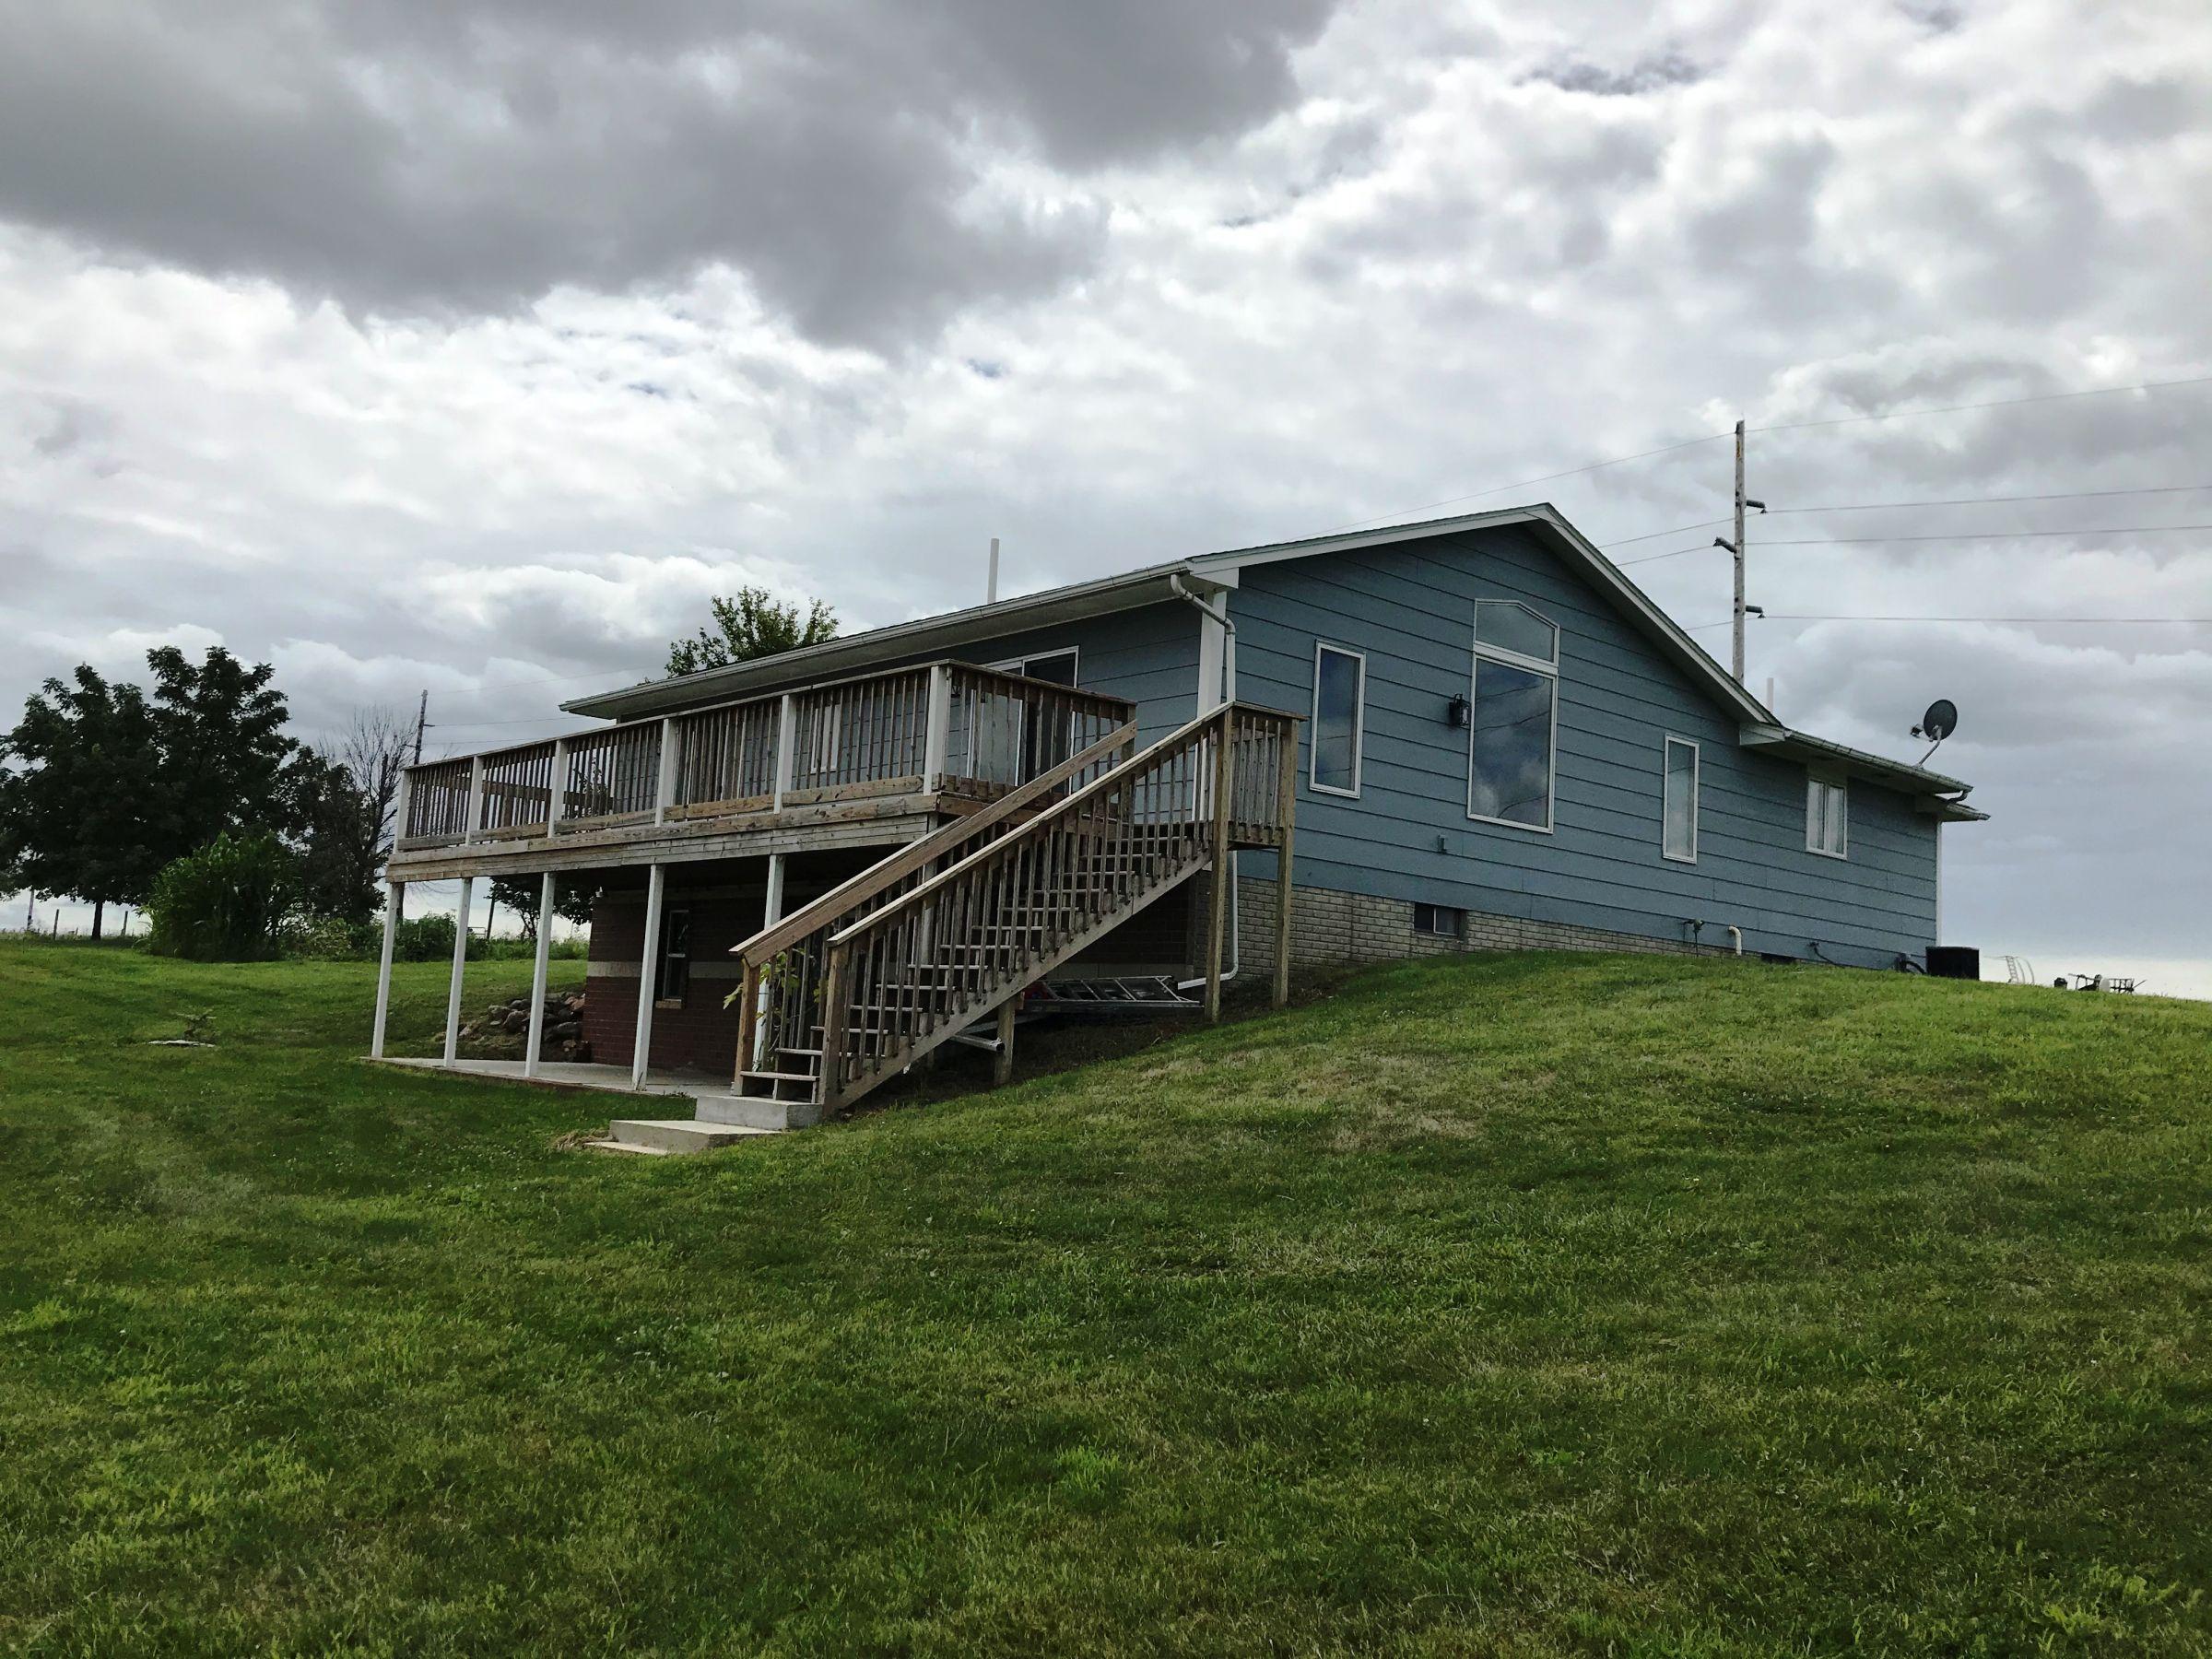 warren-county-iowa-0-acres-listing-number-15104-12-2020-08-05-204959.JPG